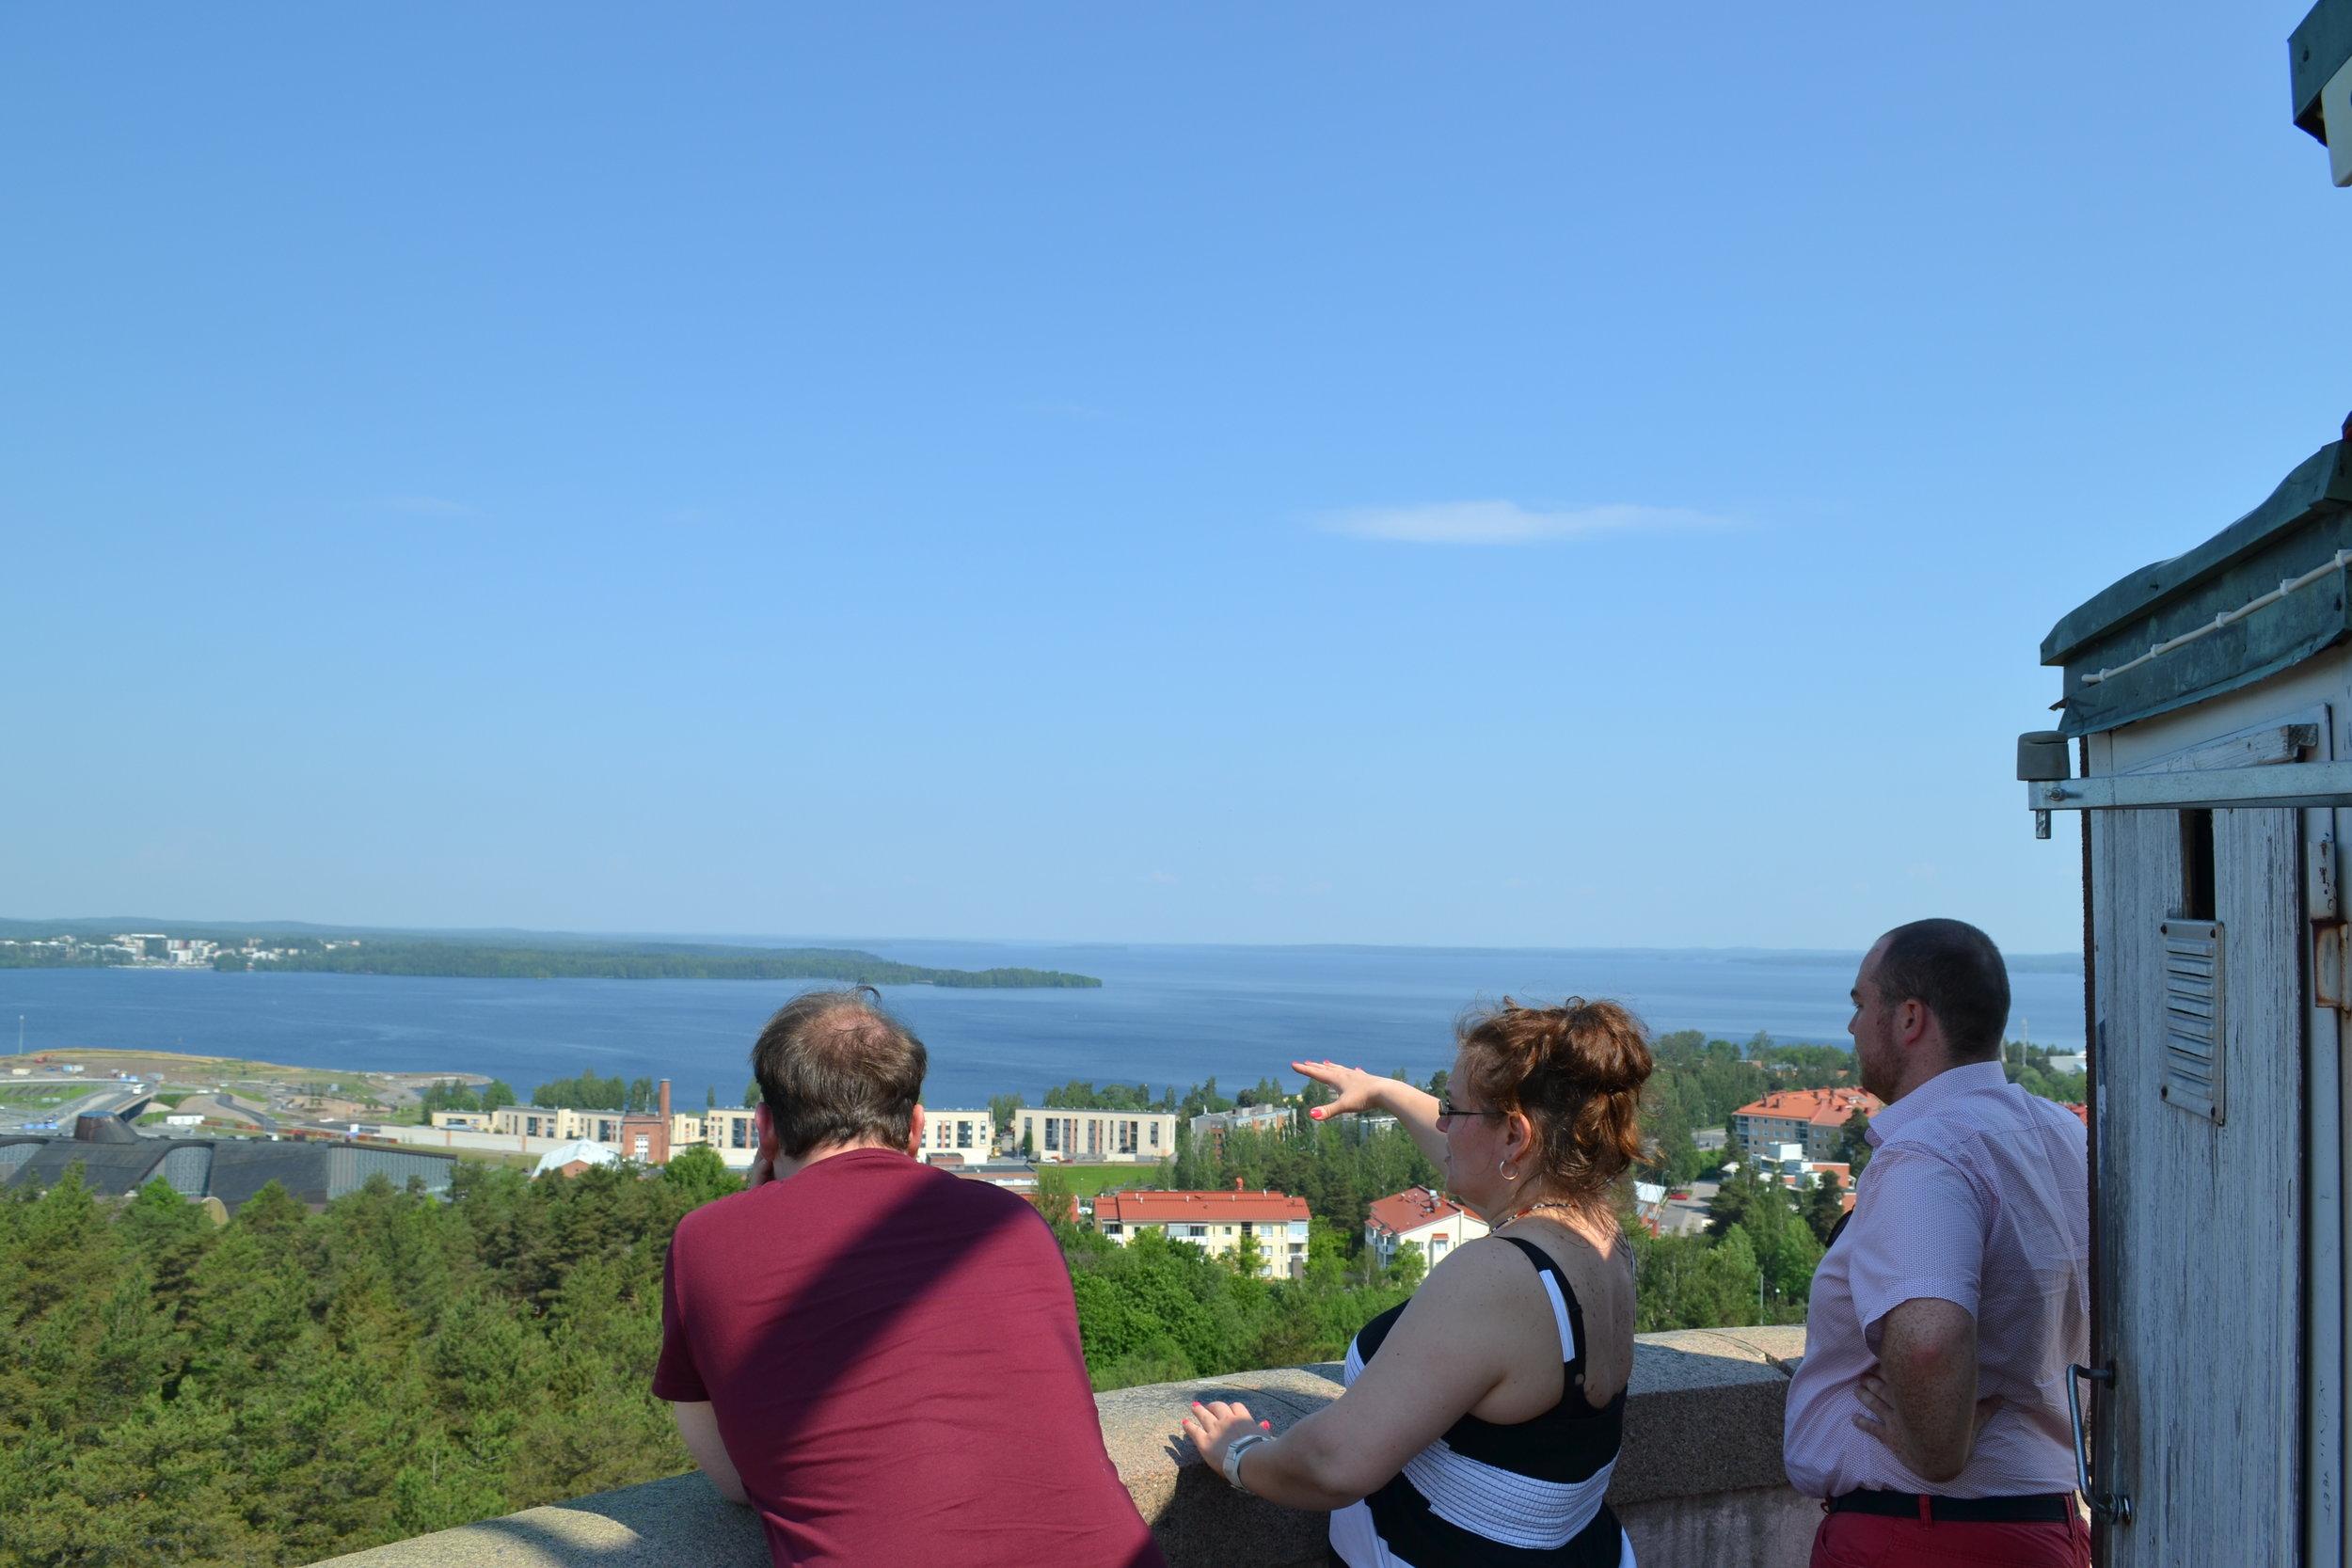 Über den Dächern Tamperes   View over Tampere